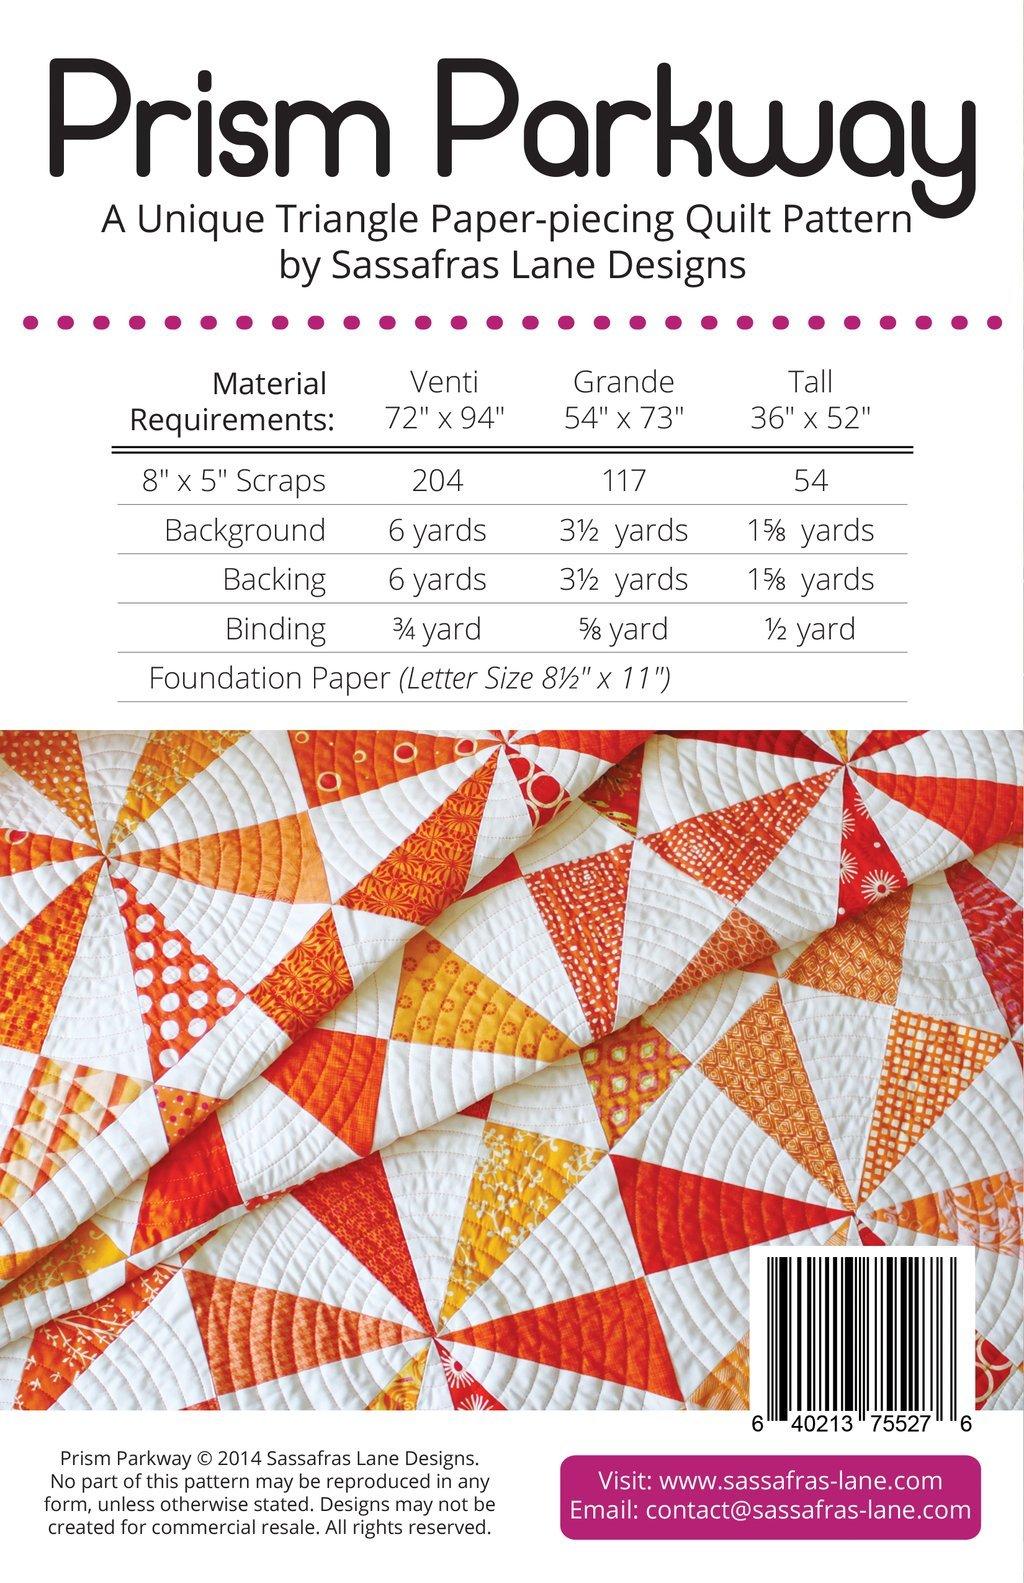 Prism Parkway Quilt Pattern by Sassafras Lane Designs